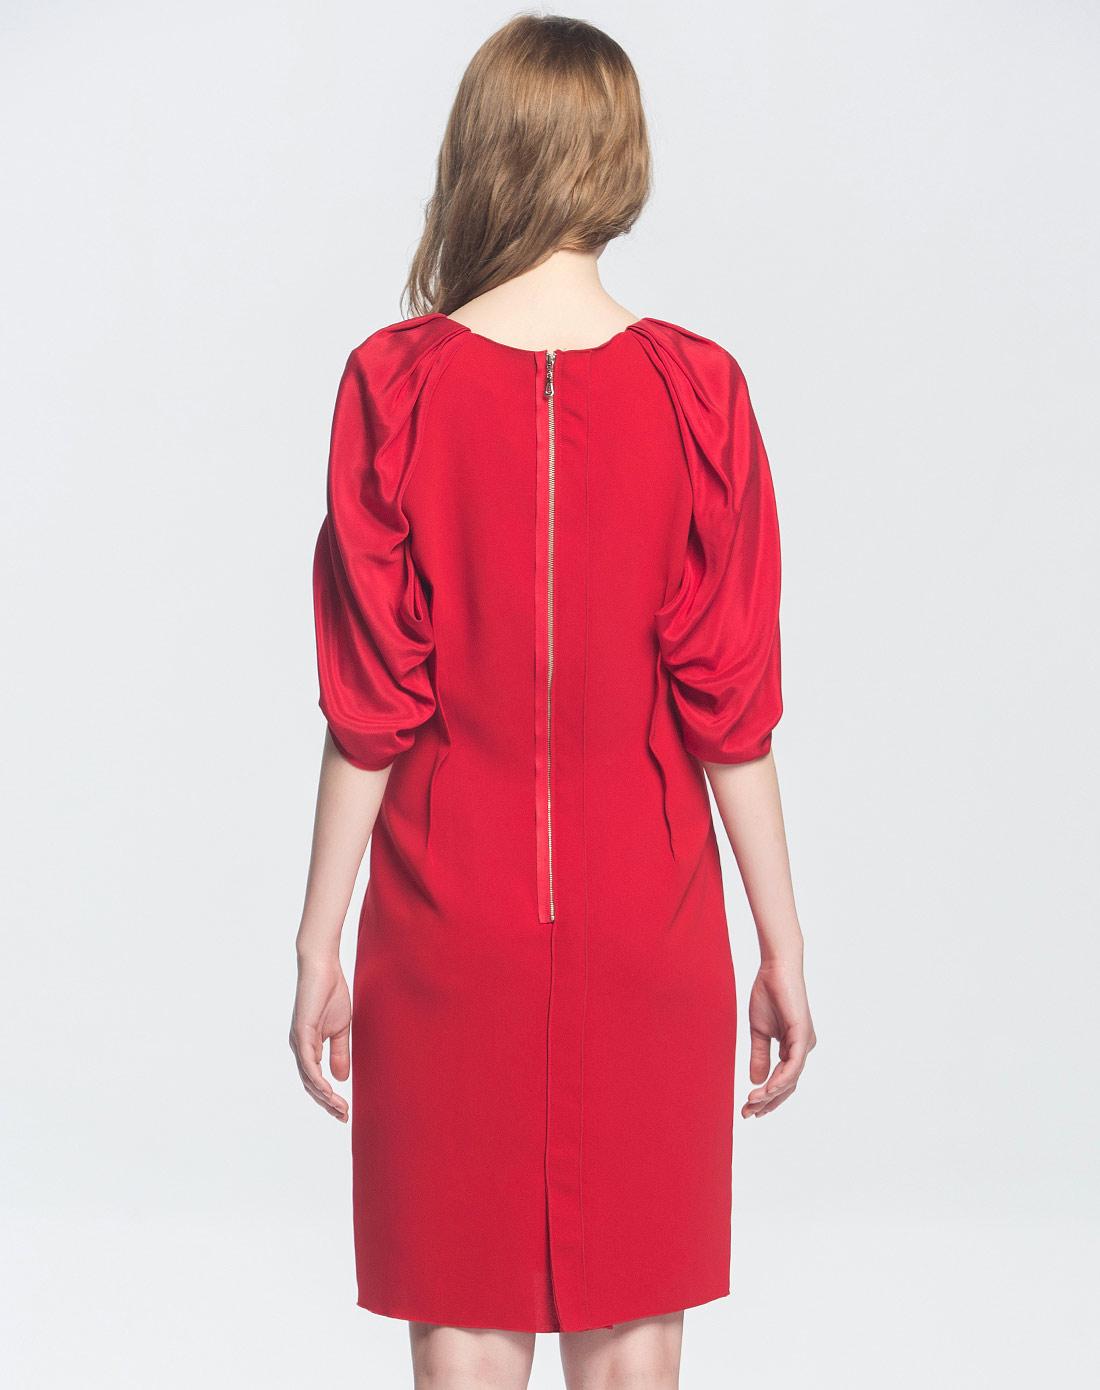 拼料红色柳肩中袖时尚连衣裙